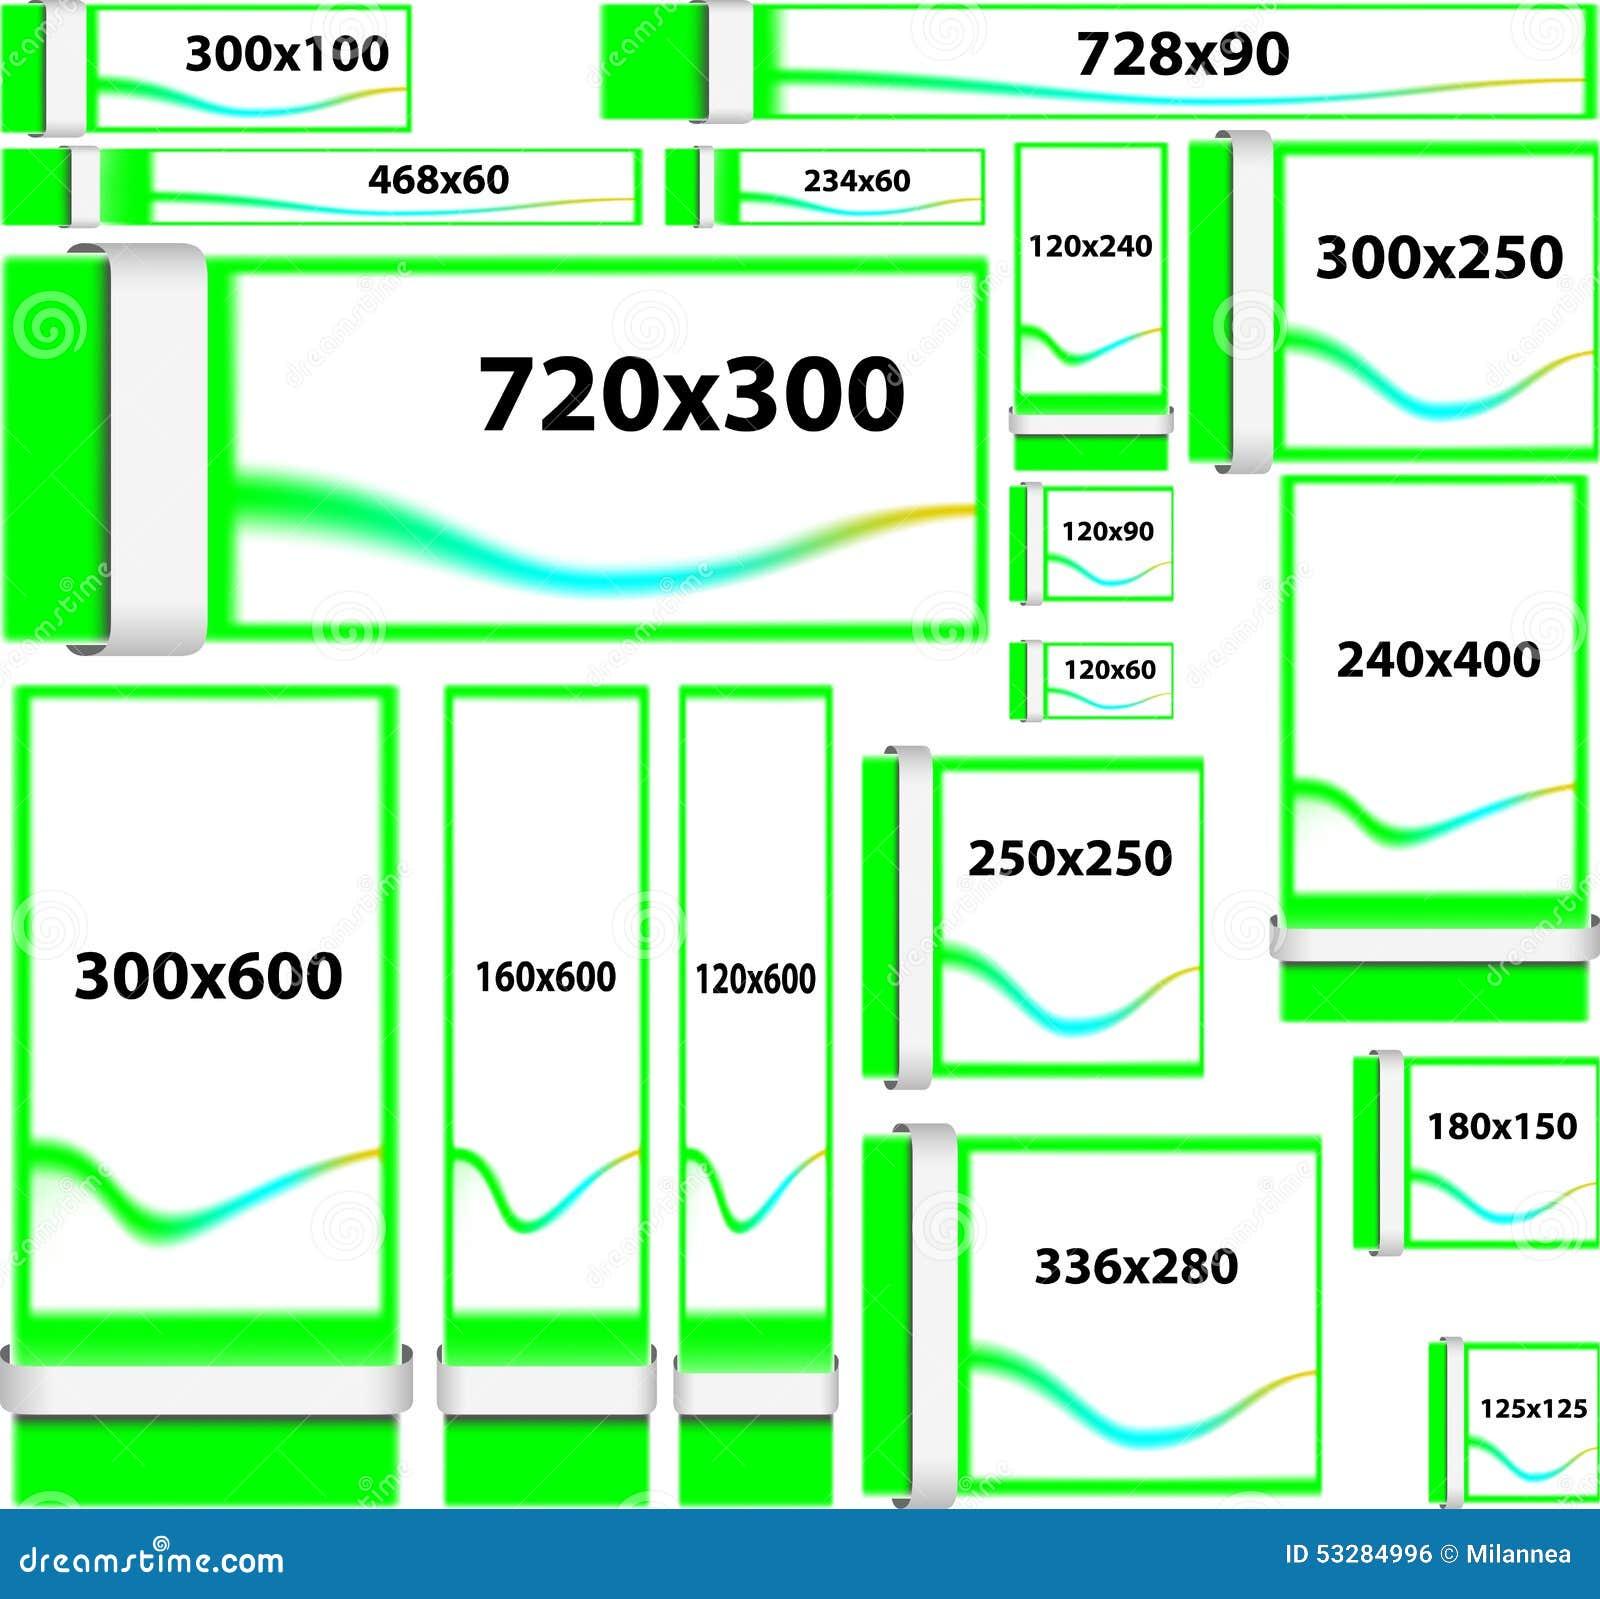 banni res de site web de taille standard illustration de vecteur image 53284996. Black Bedroom Furniture Sets. Home Design Ideas